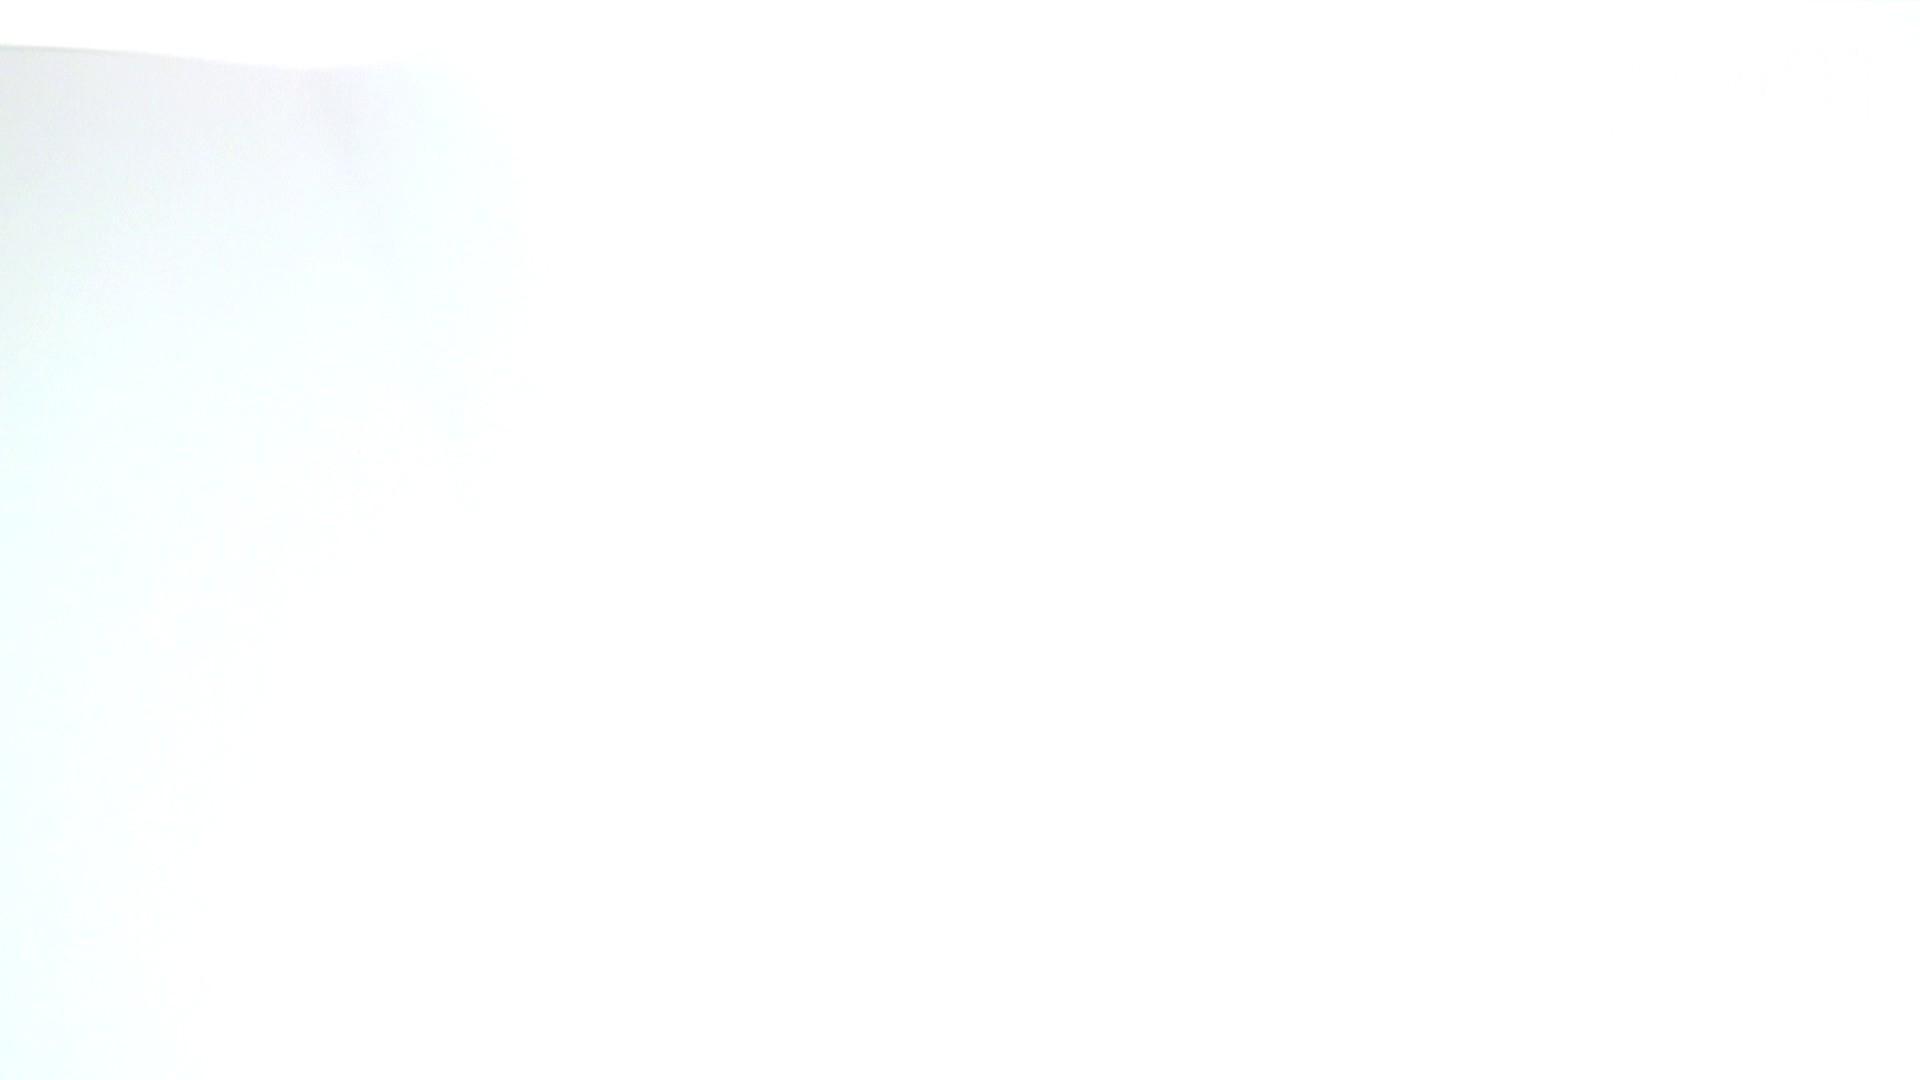 ▲復活限定▲ハイビジョン 盗神伝 Vol.1 エッチなお姉さん AV無料動画キャプチャ 83画像 28